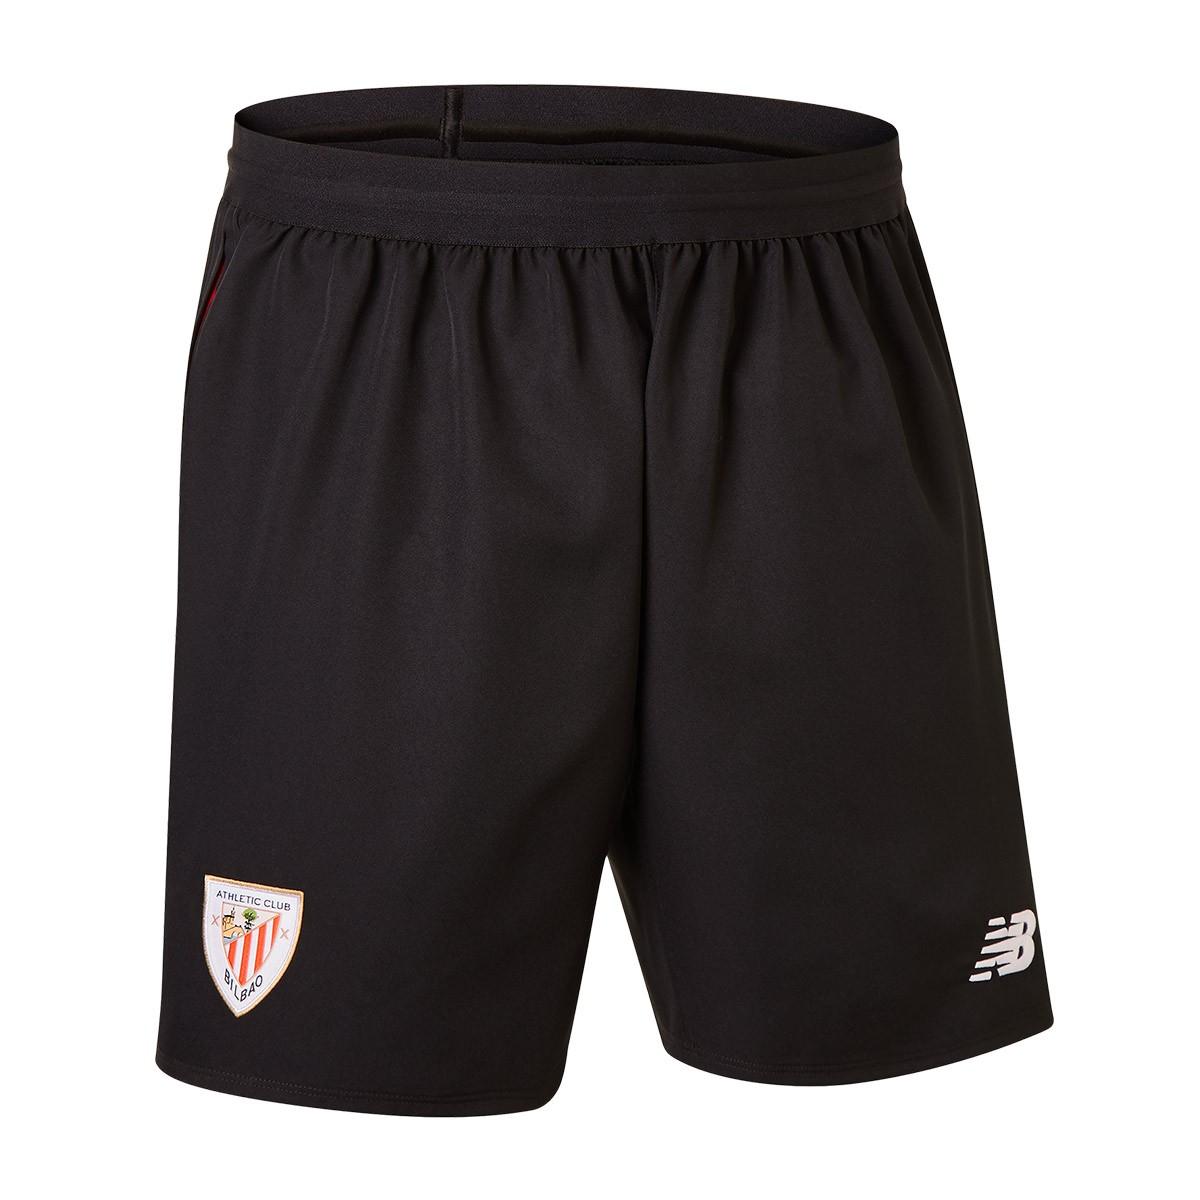 3a157846bb679 Pantalón corto New Balance AC Bilbao Primera Equipación 2018-2019 Black -  Tienda de fútbol Fútbol Emotion